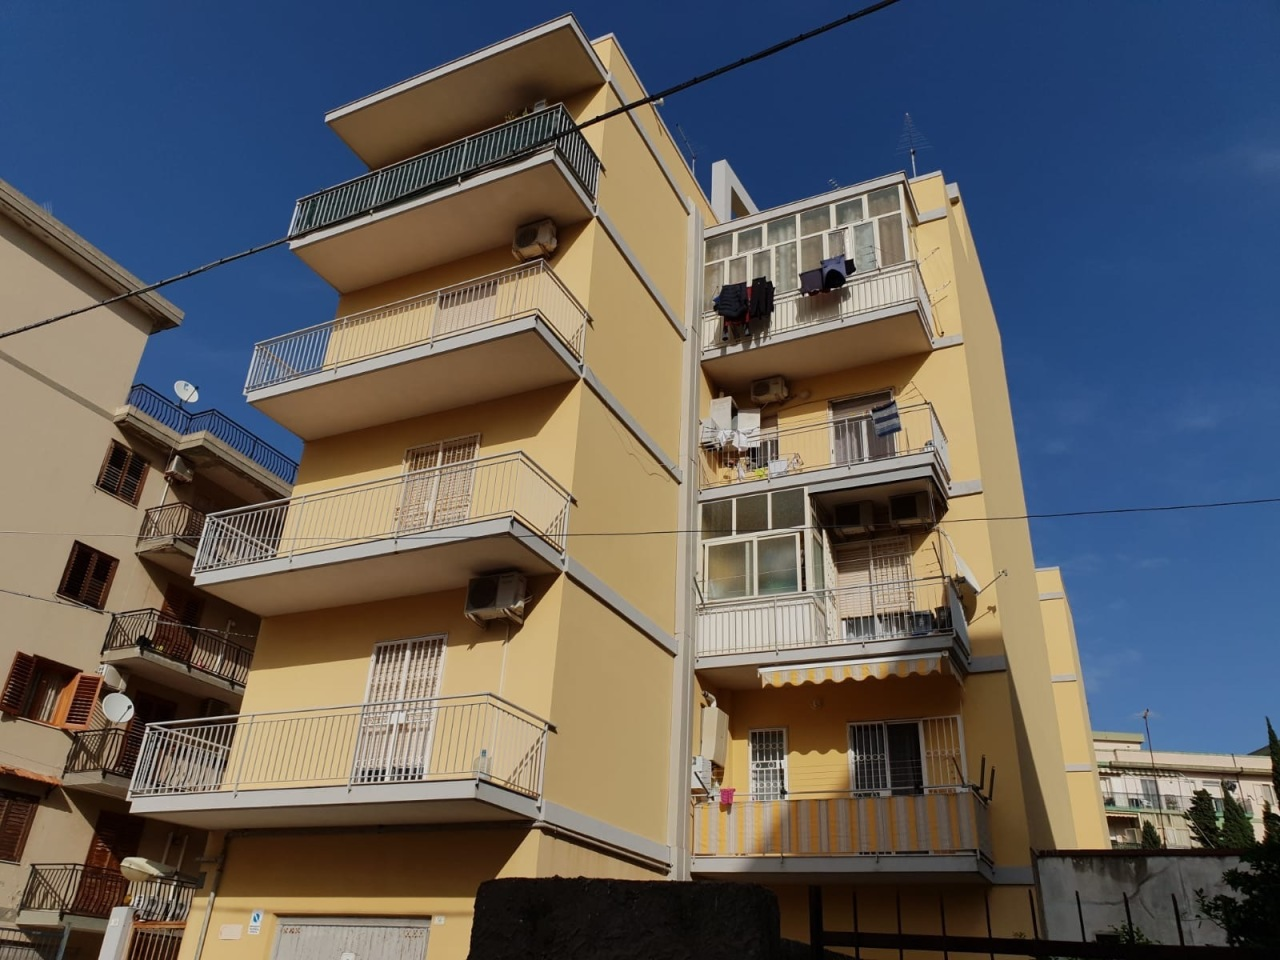 siracusa vendita quart: tisia tica zecchino filisto schiavone immobiliare